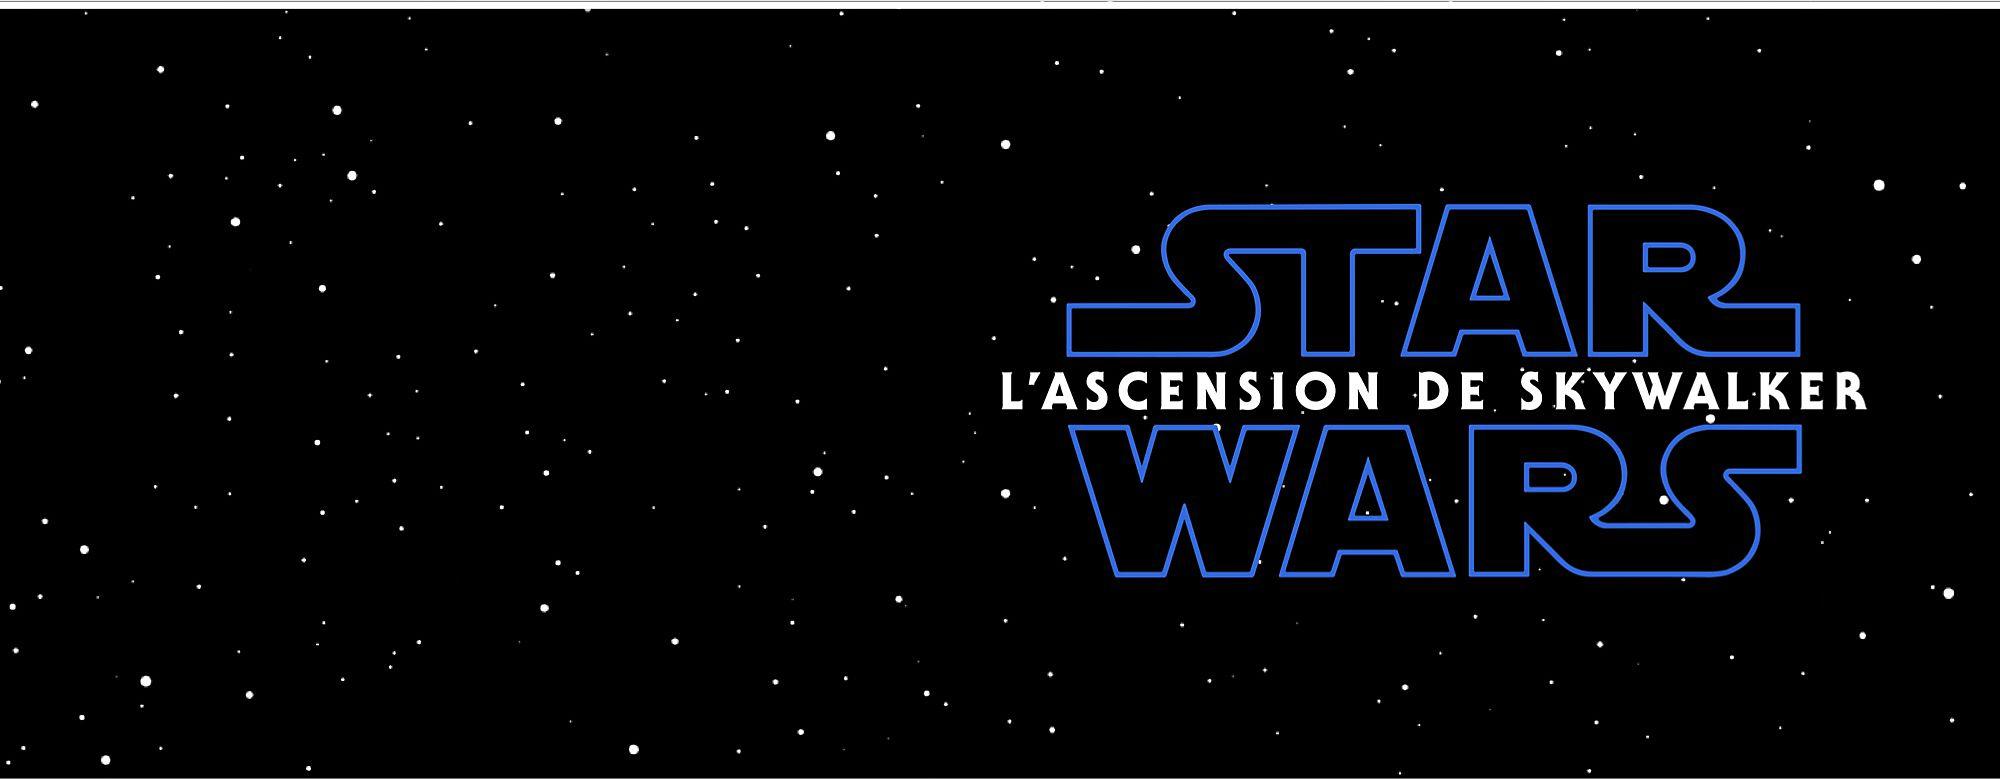 Star Wars: L'ascension de Skywalker Les survivants de la Résistance affrontent encore une fois le Premier Ordre dans le chapitre final de la saga Skywalker. Rejoignez la résistance et parcourez notre collection épique de jouets, costumes, articles de maison et plus. Sortie en décembre 2019